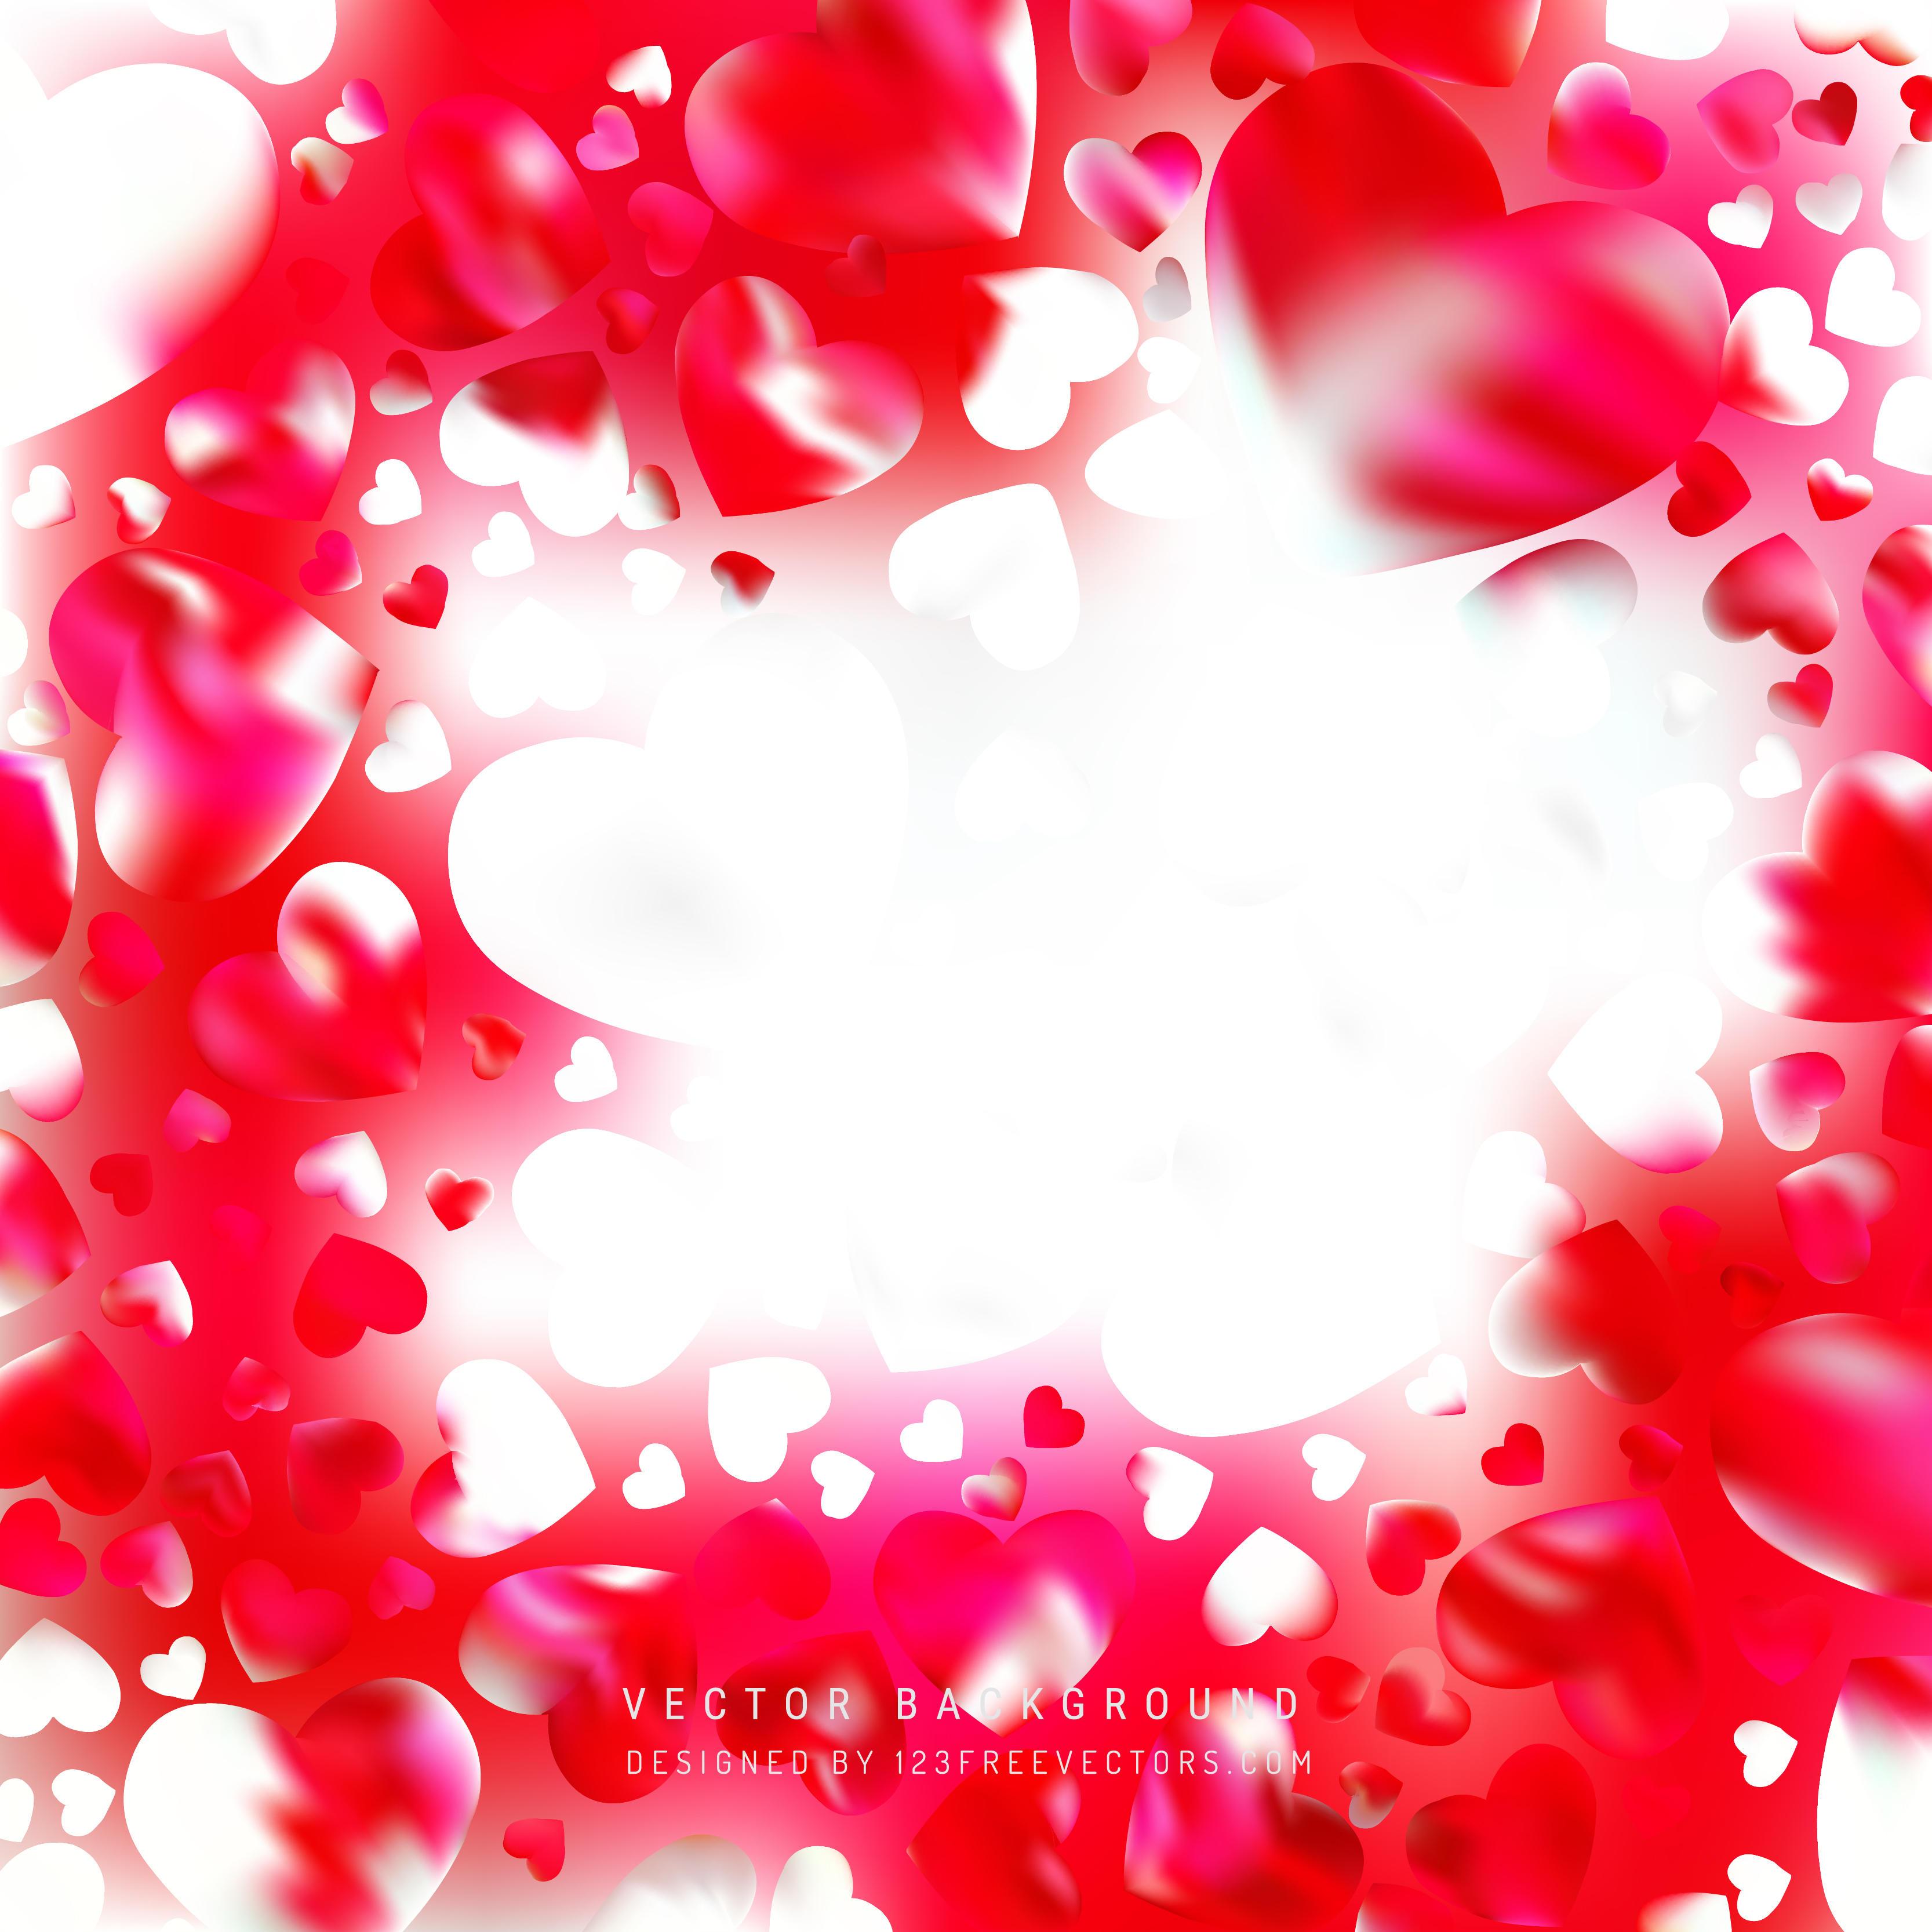 3333x3333 210+ Red Heart Background Vectors Download Free Vector Art